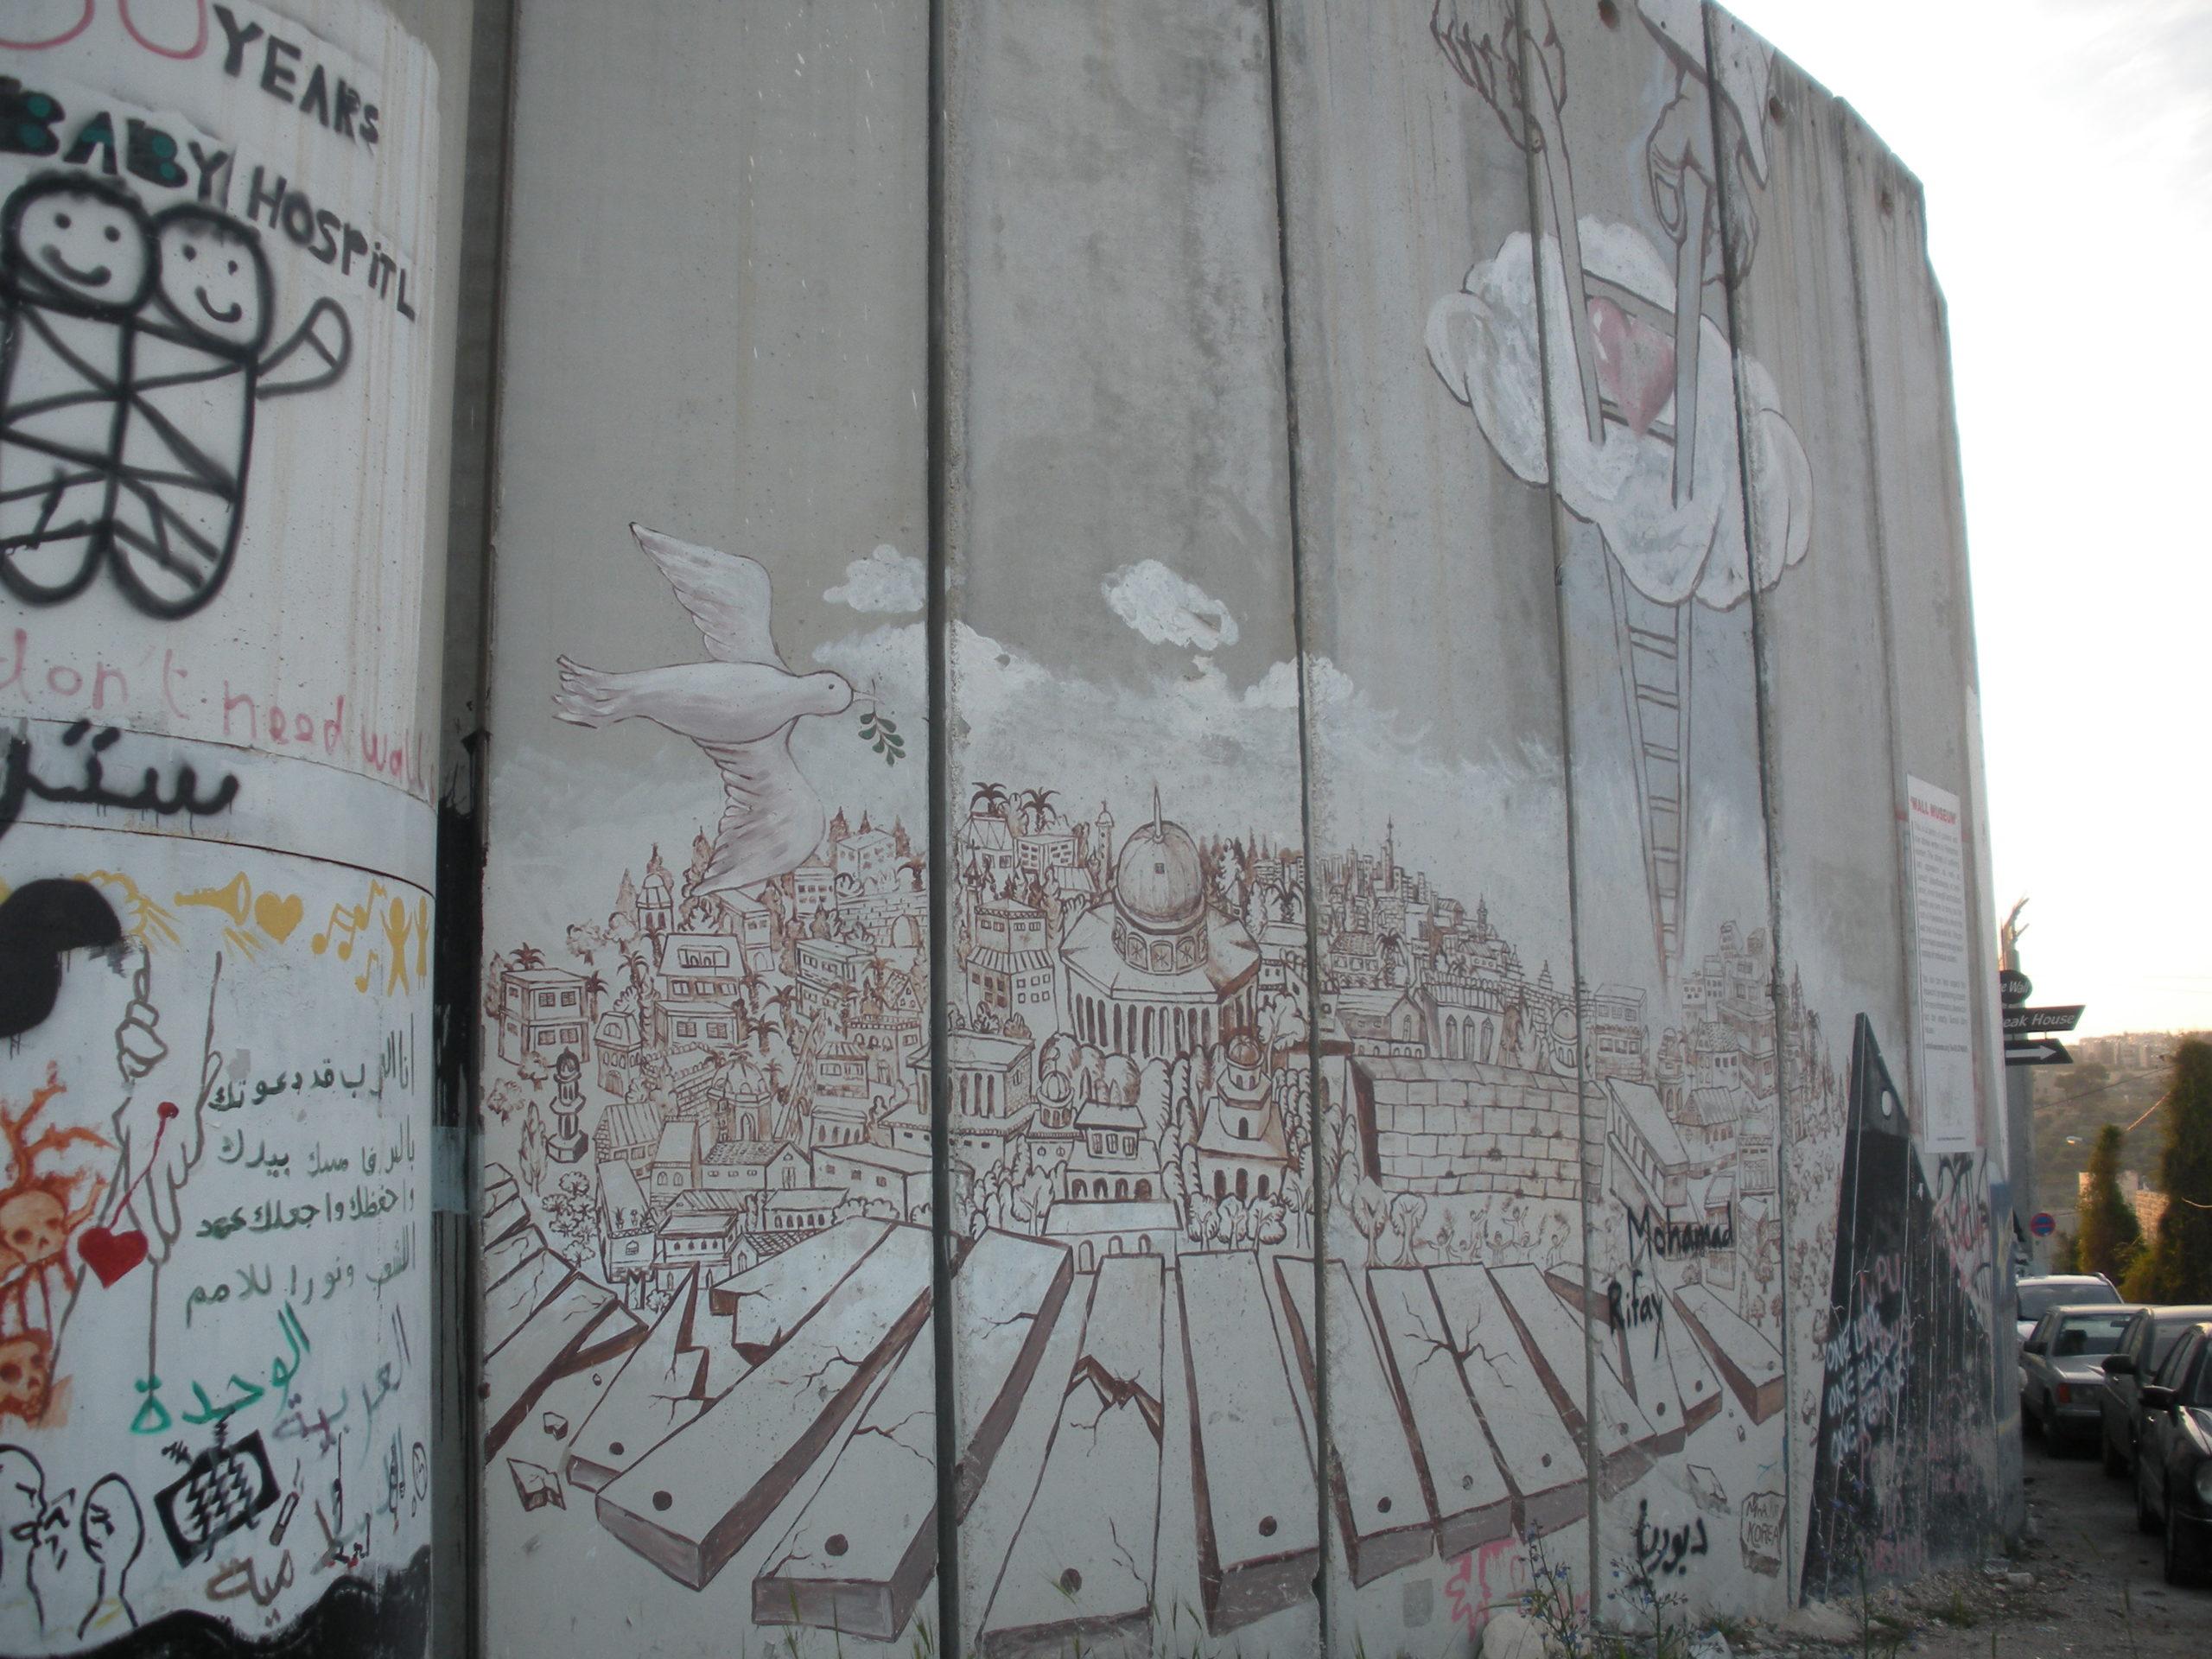 palestine_separation_wall_2016.jpeg